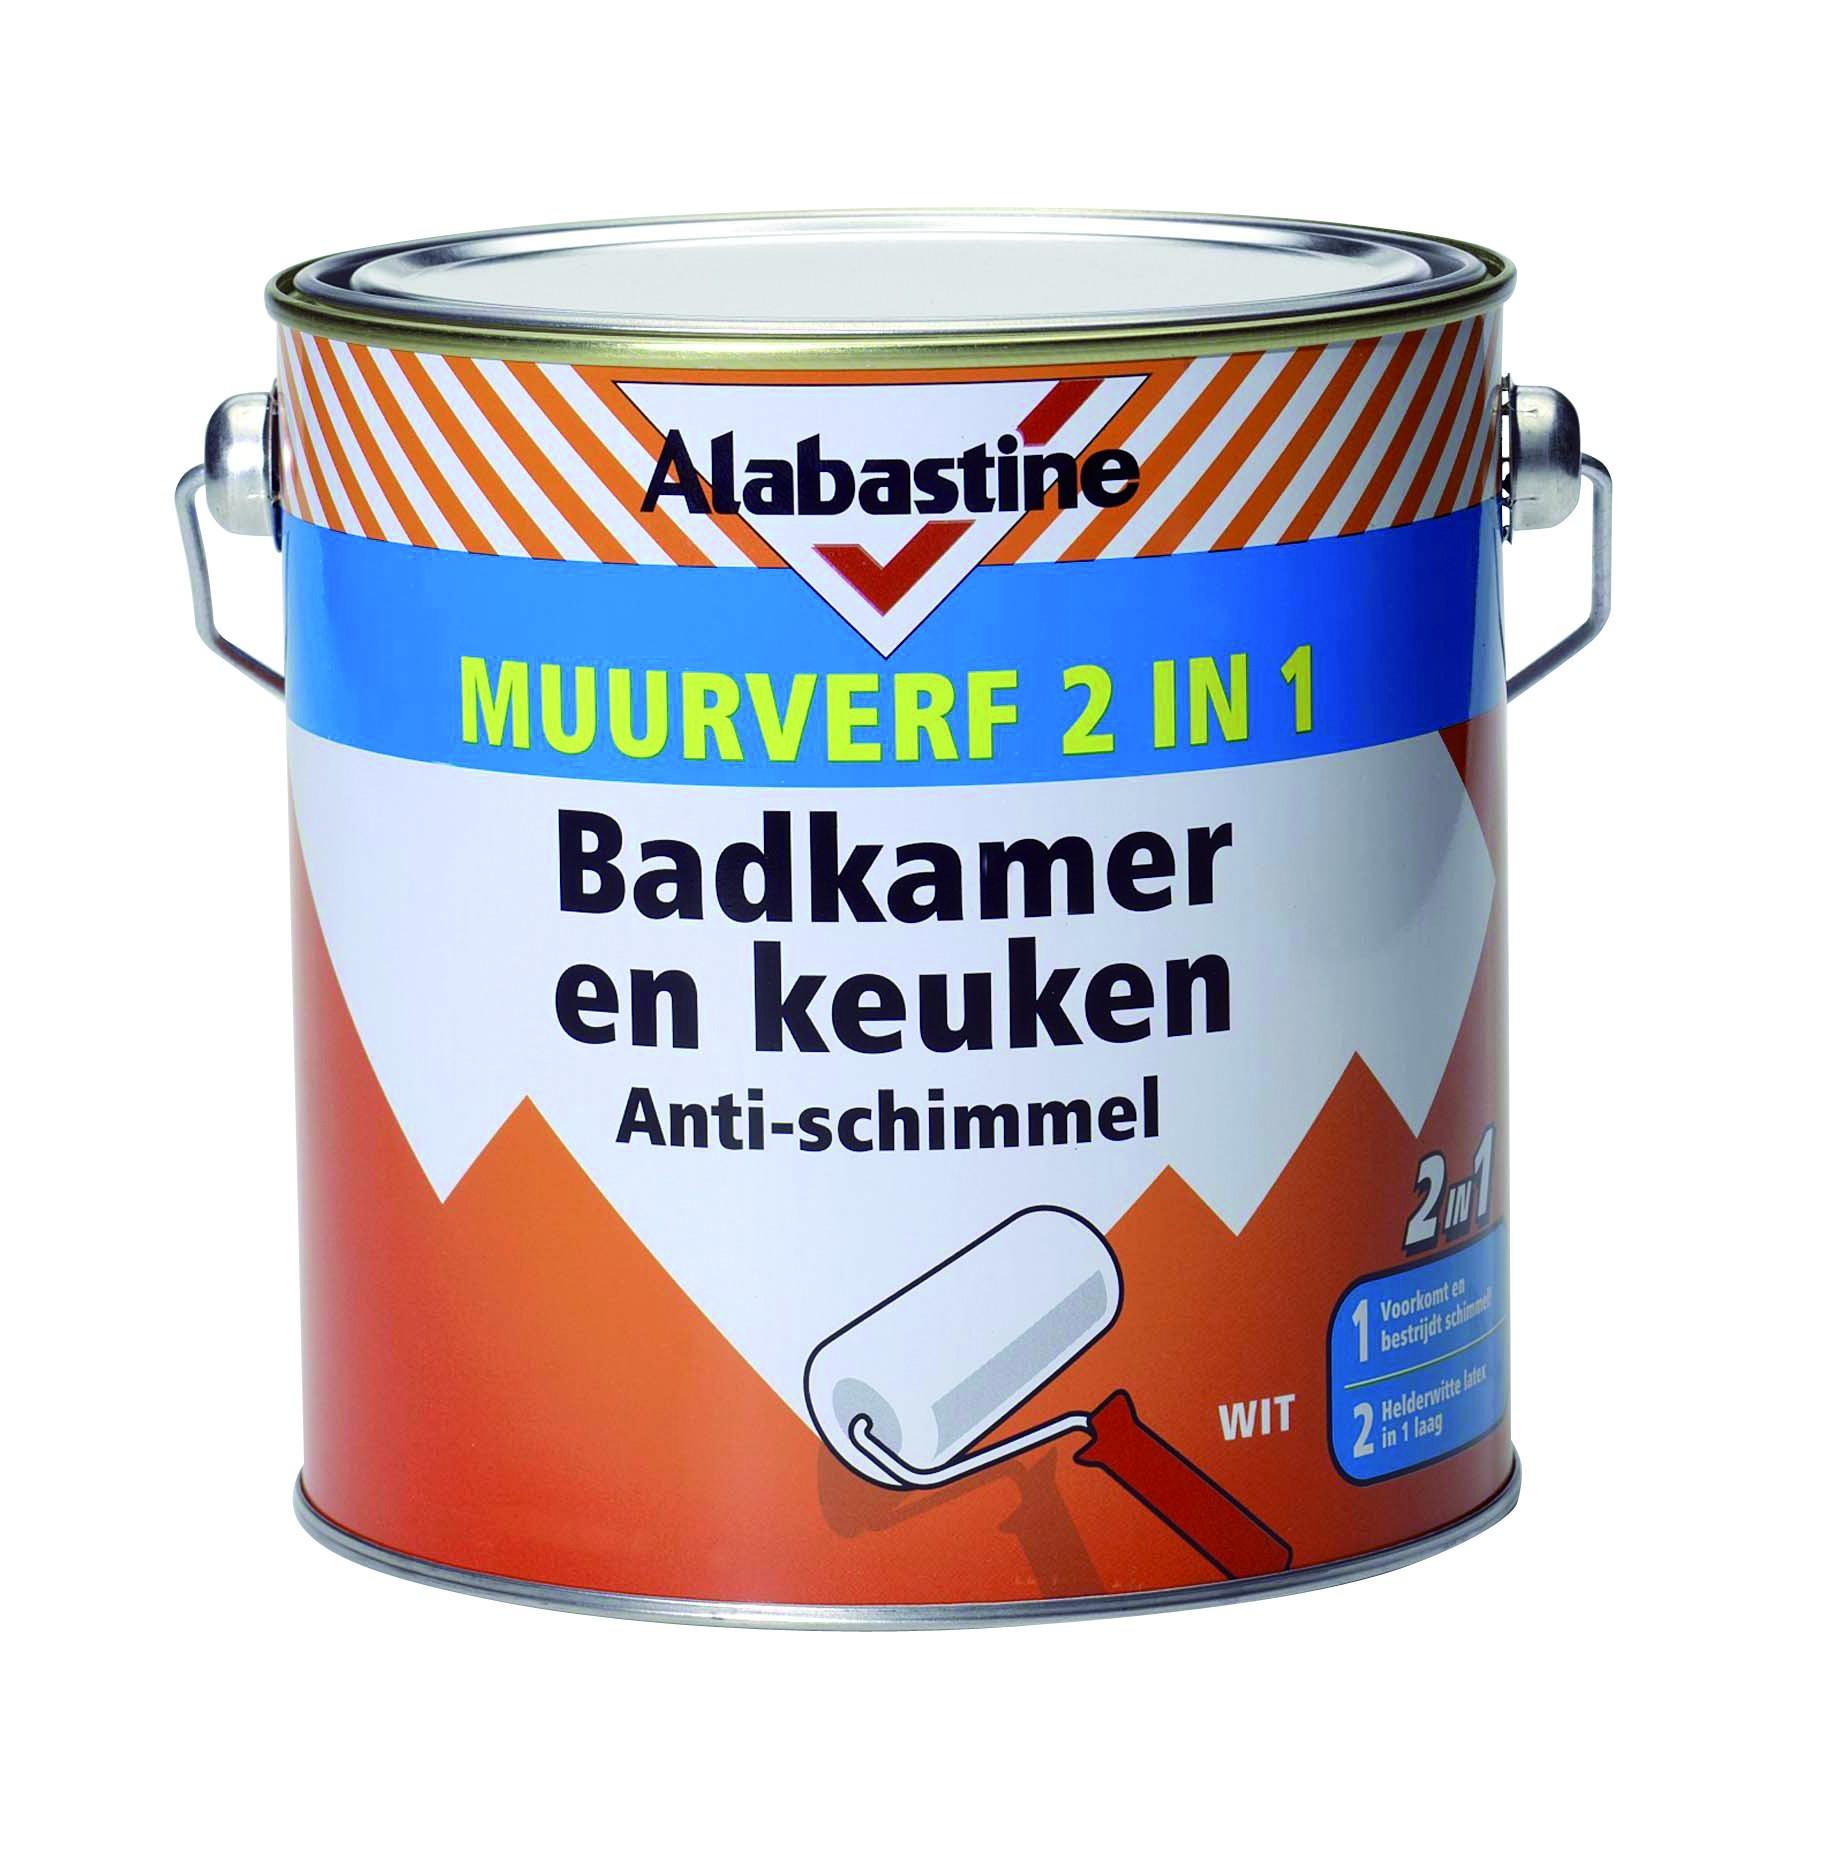 Alabastine muurverf 2-in-1 badkamer en keuken 2,5 liter - BigM ...